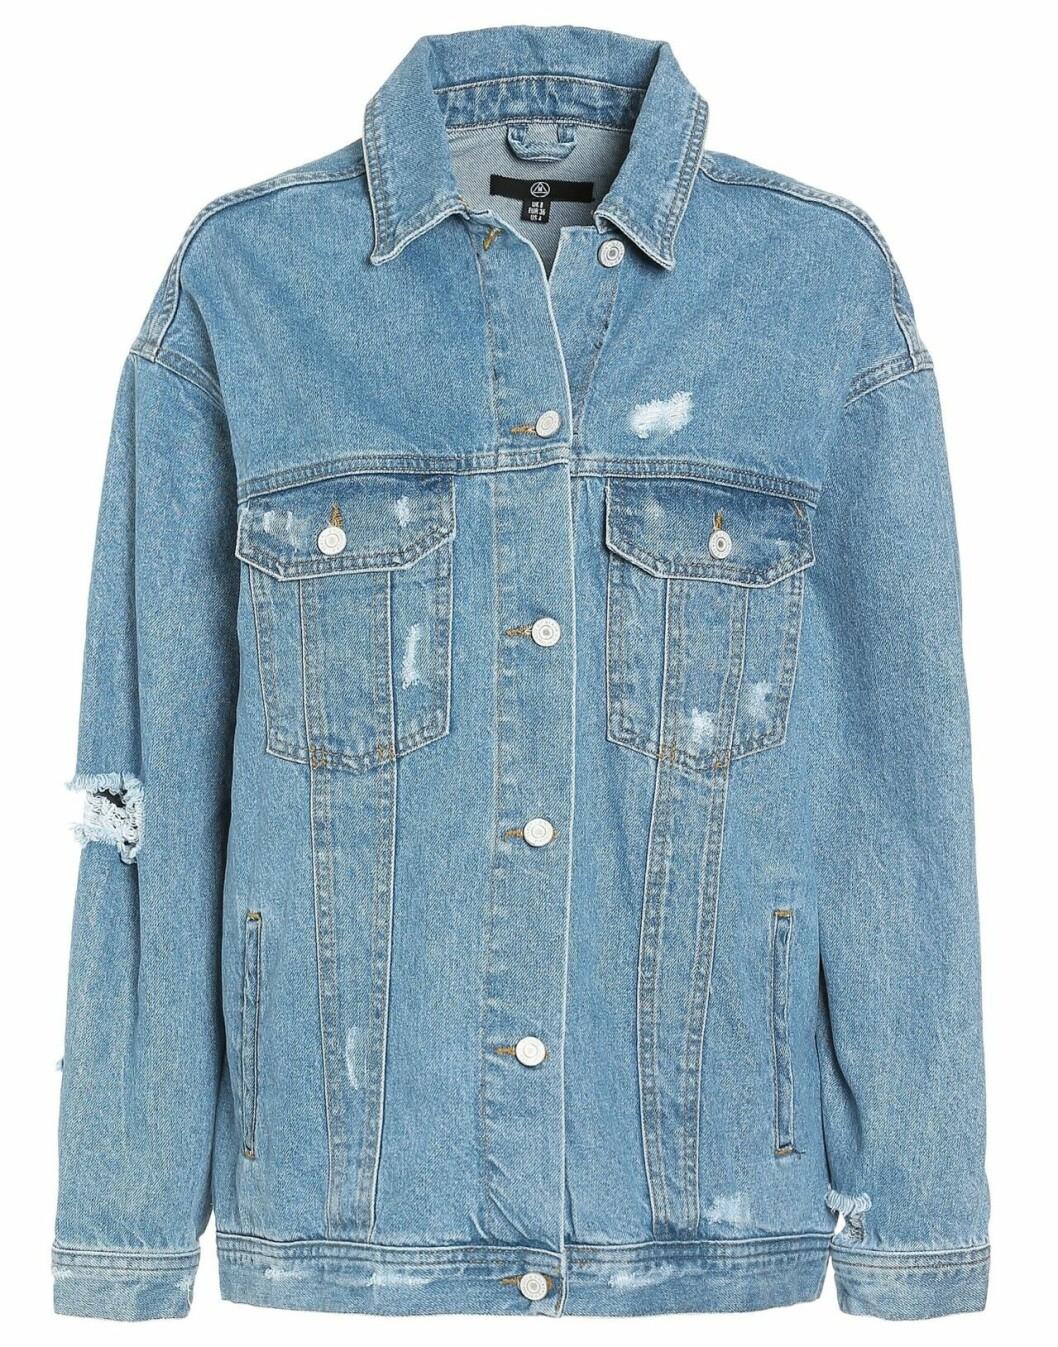 Blå jeansjacka i oversize-modell för dam till 2019